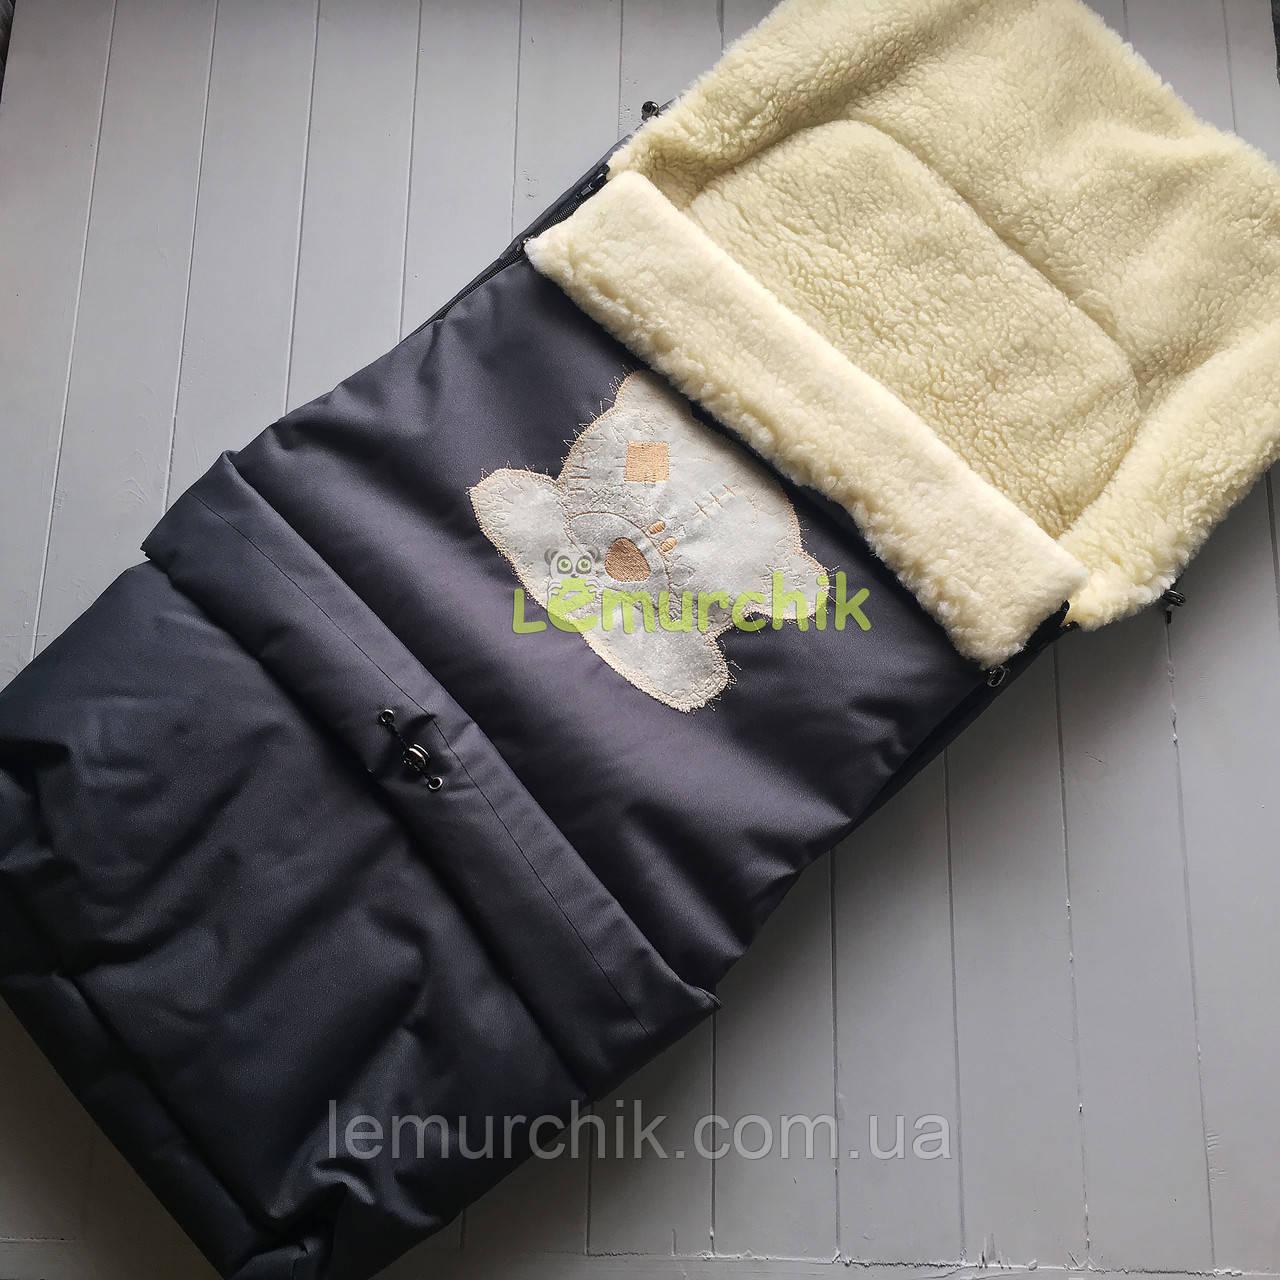 Чохол-конверт на санки і в коляску подовжений з мишком, чорний